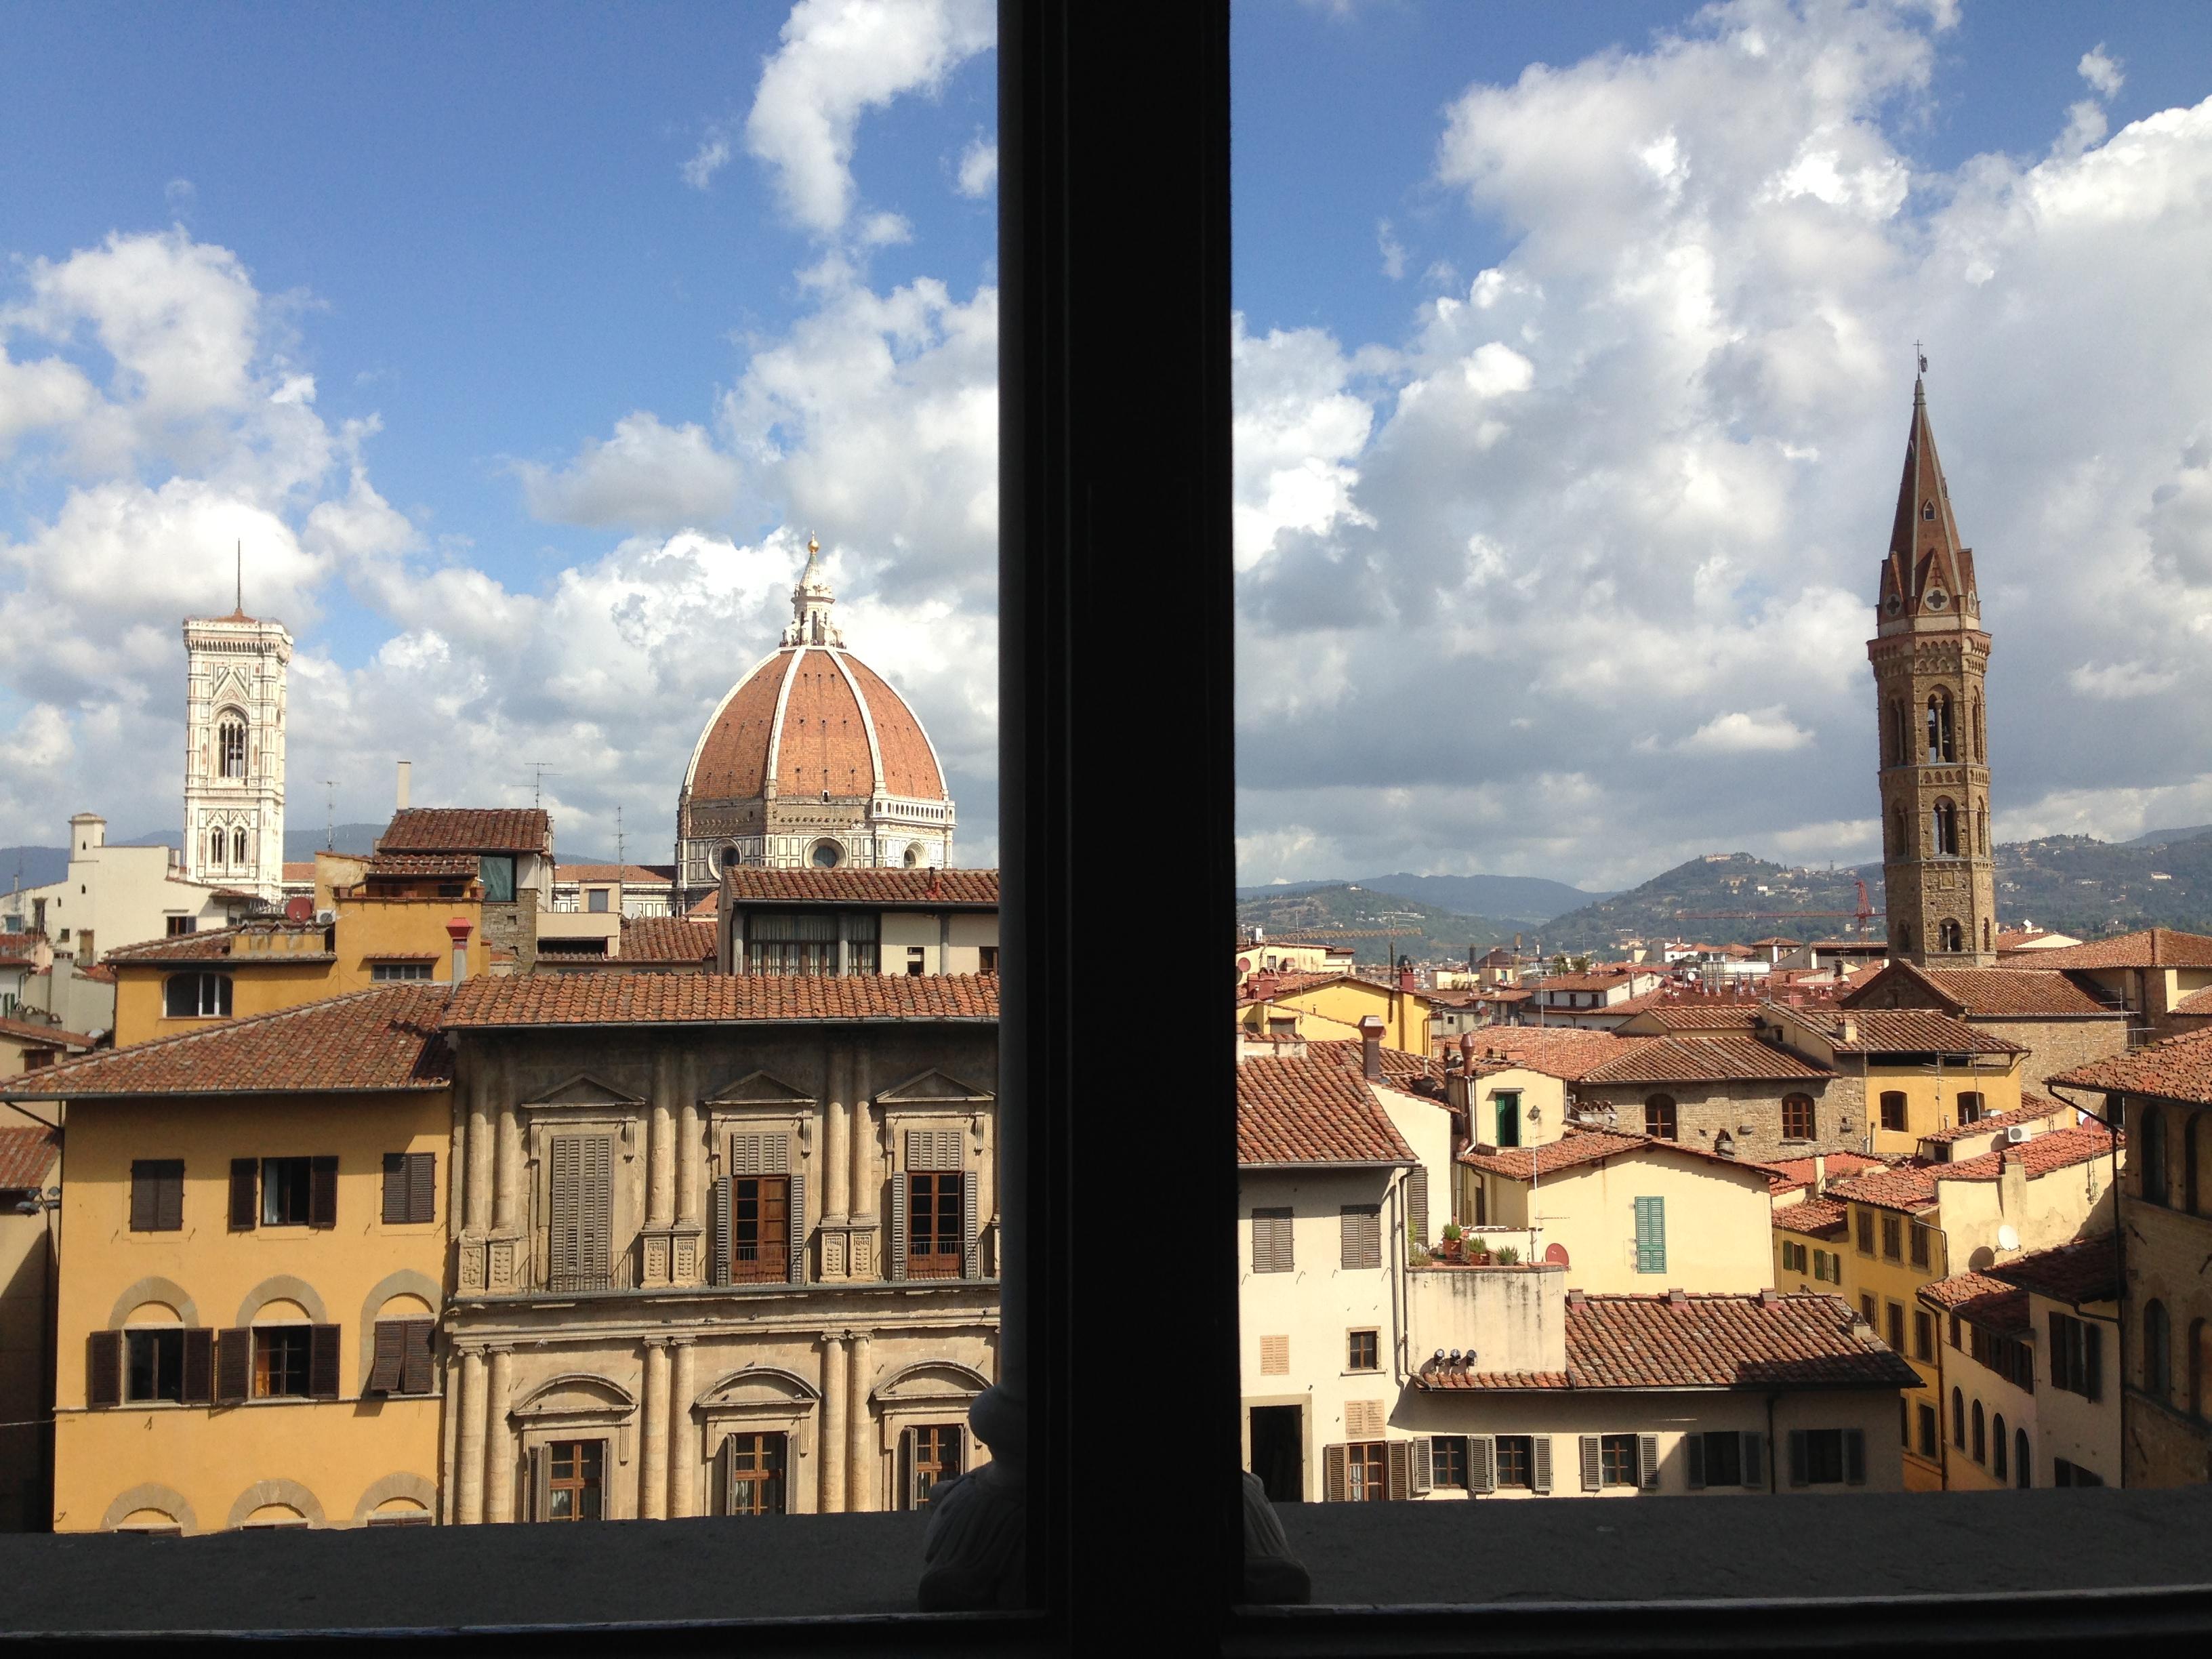 eventi per famiglie Firenze 2 e 3 agosto